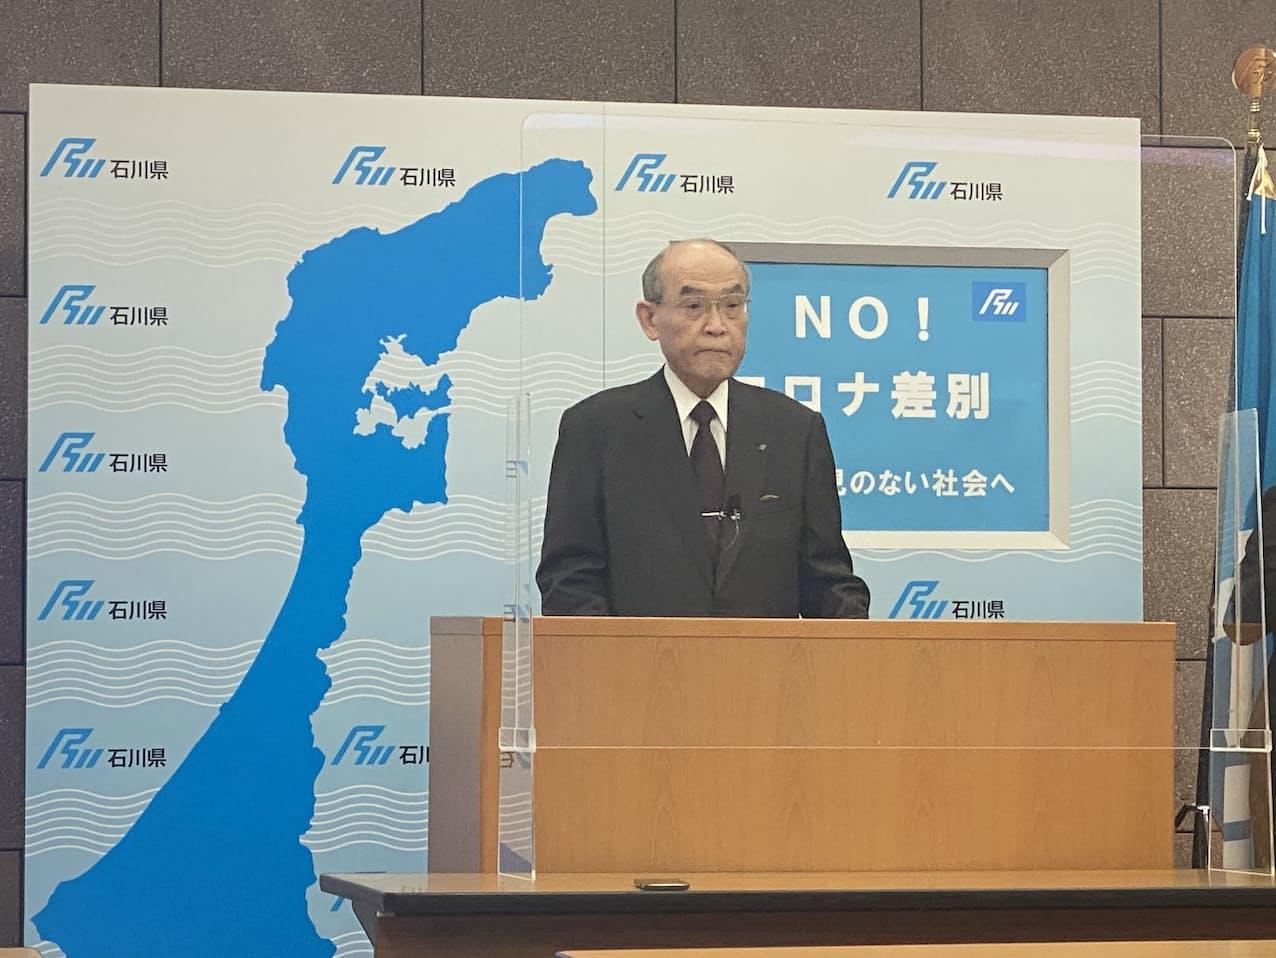 「第4波に入ったと考えざるを得ない」と危機感を示す谷本知事(16日夕、石川県庁)